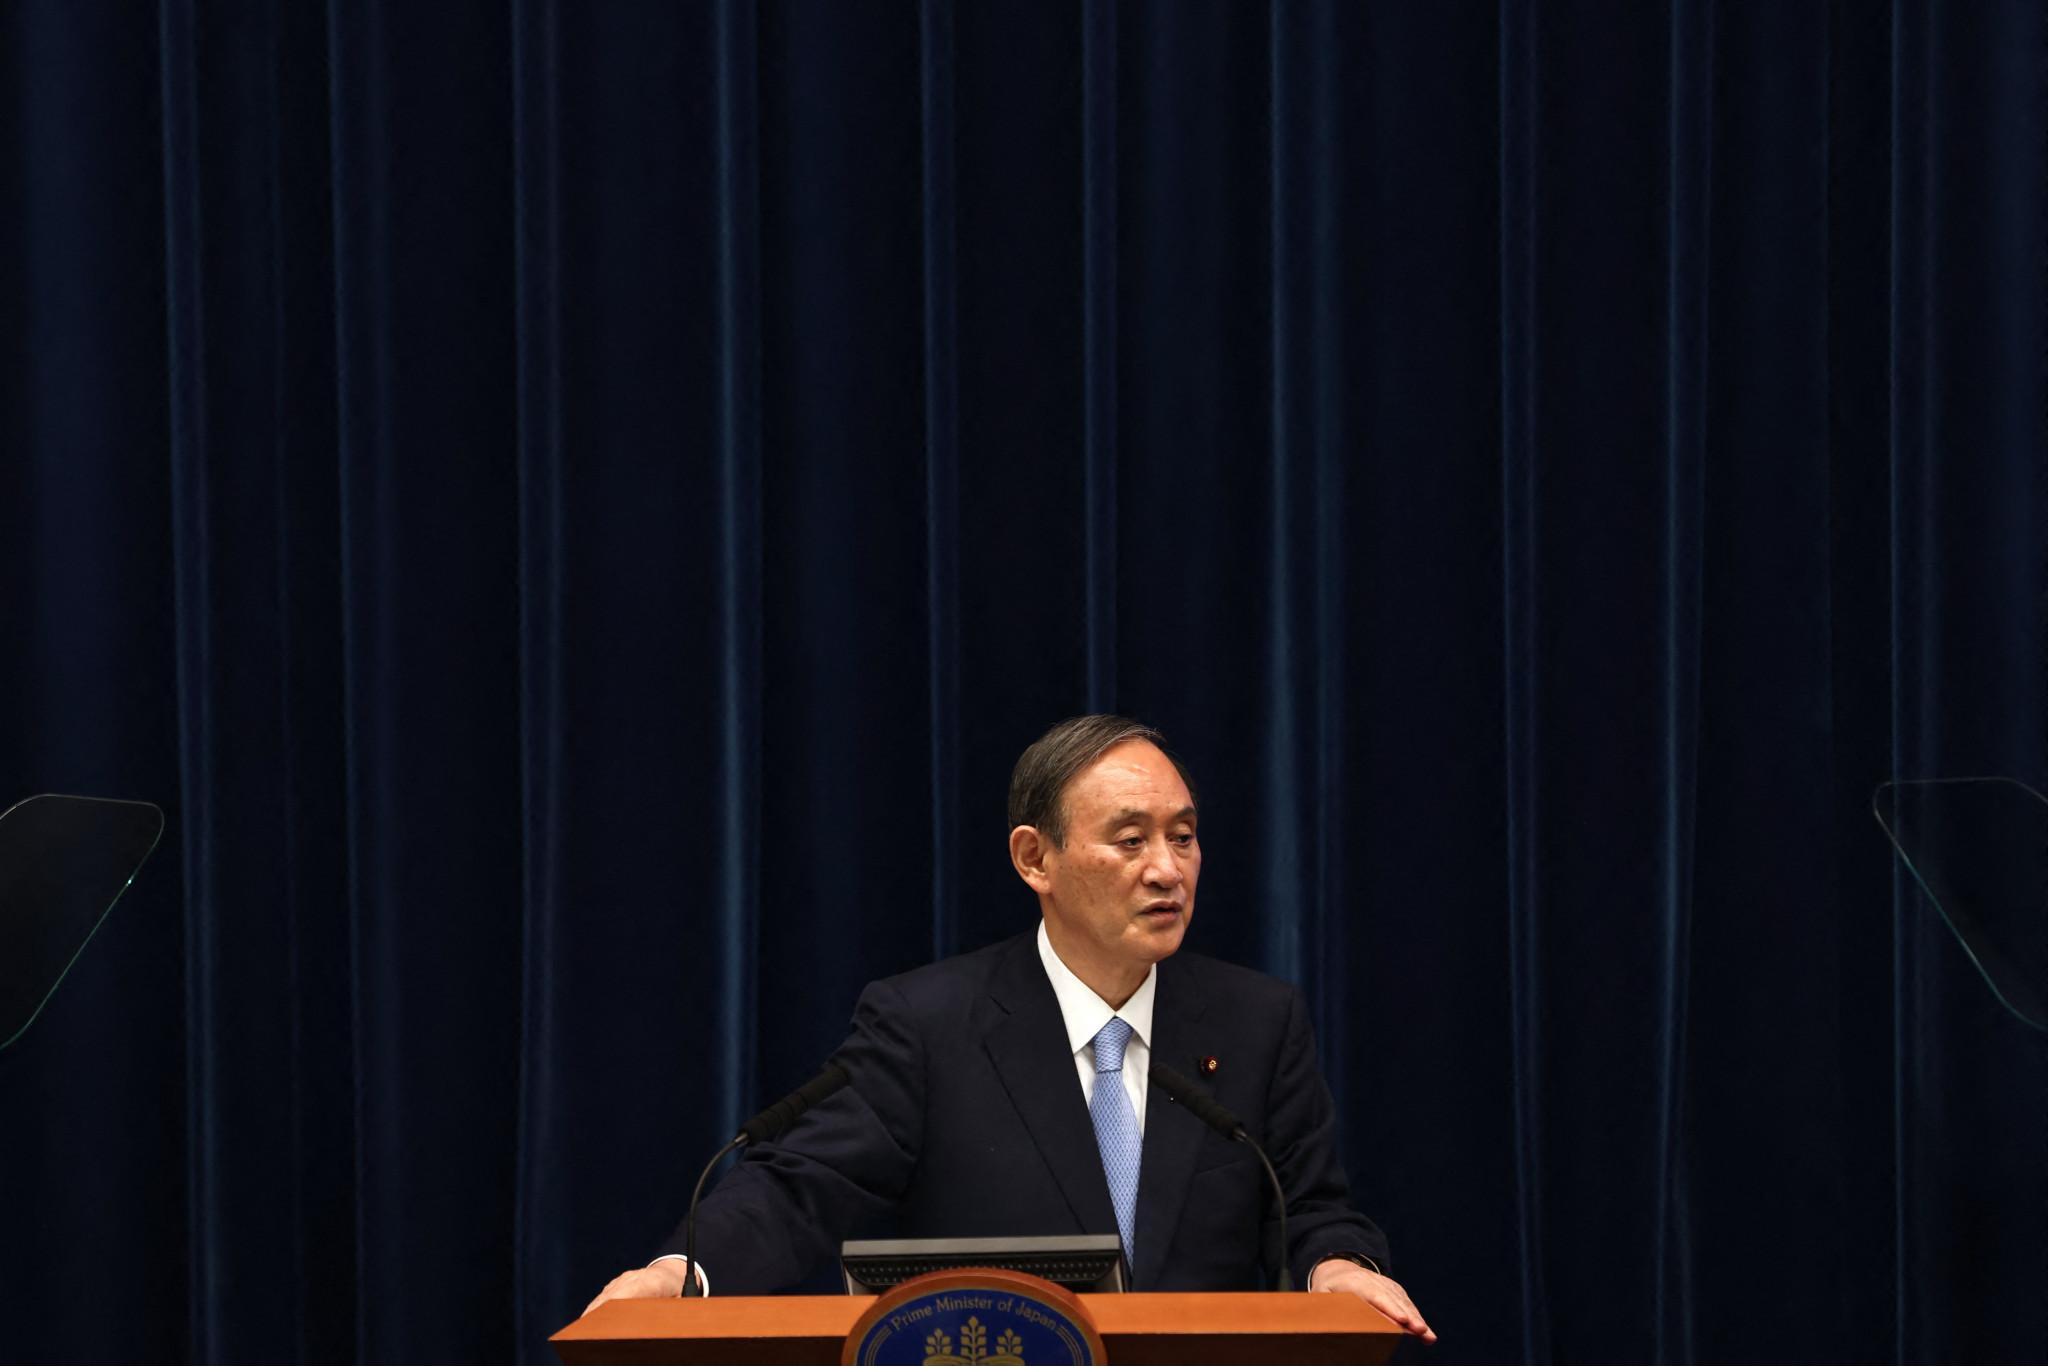 Estado de emergencia Japón se extienden hasta cinco semanas antes de los Juegos